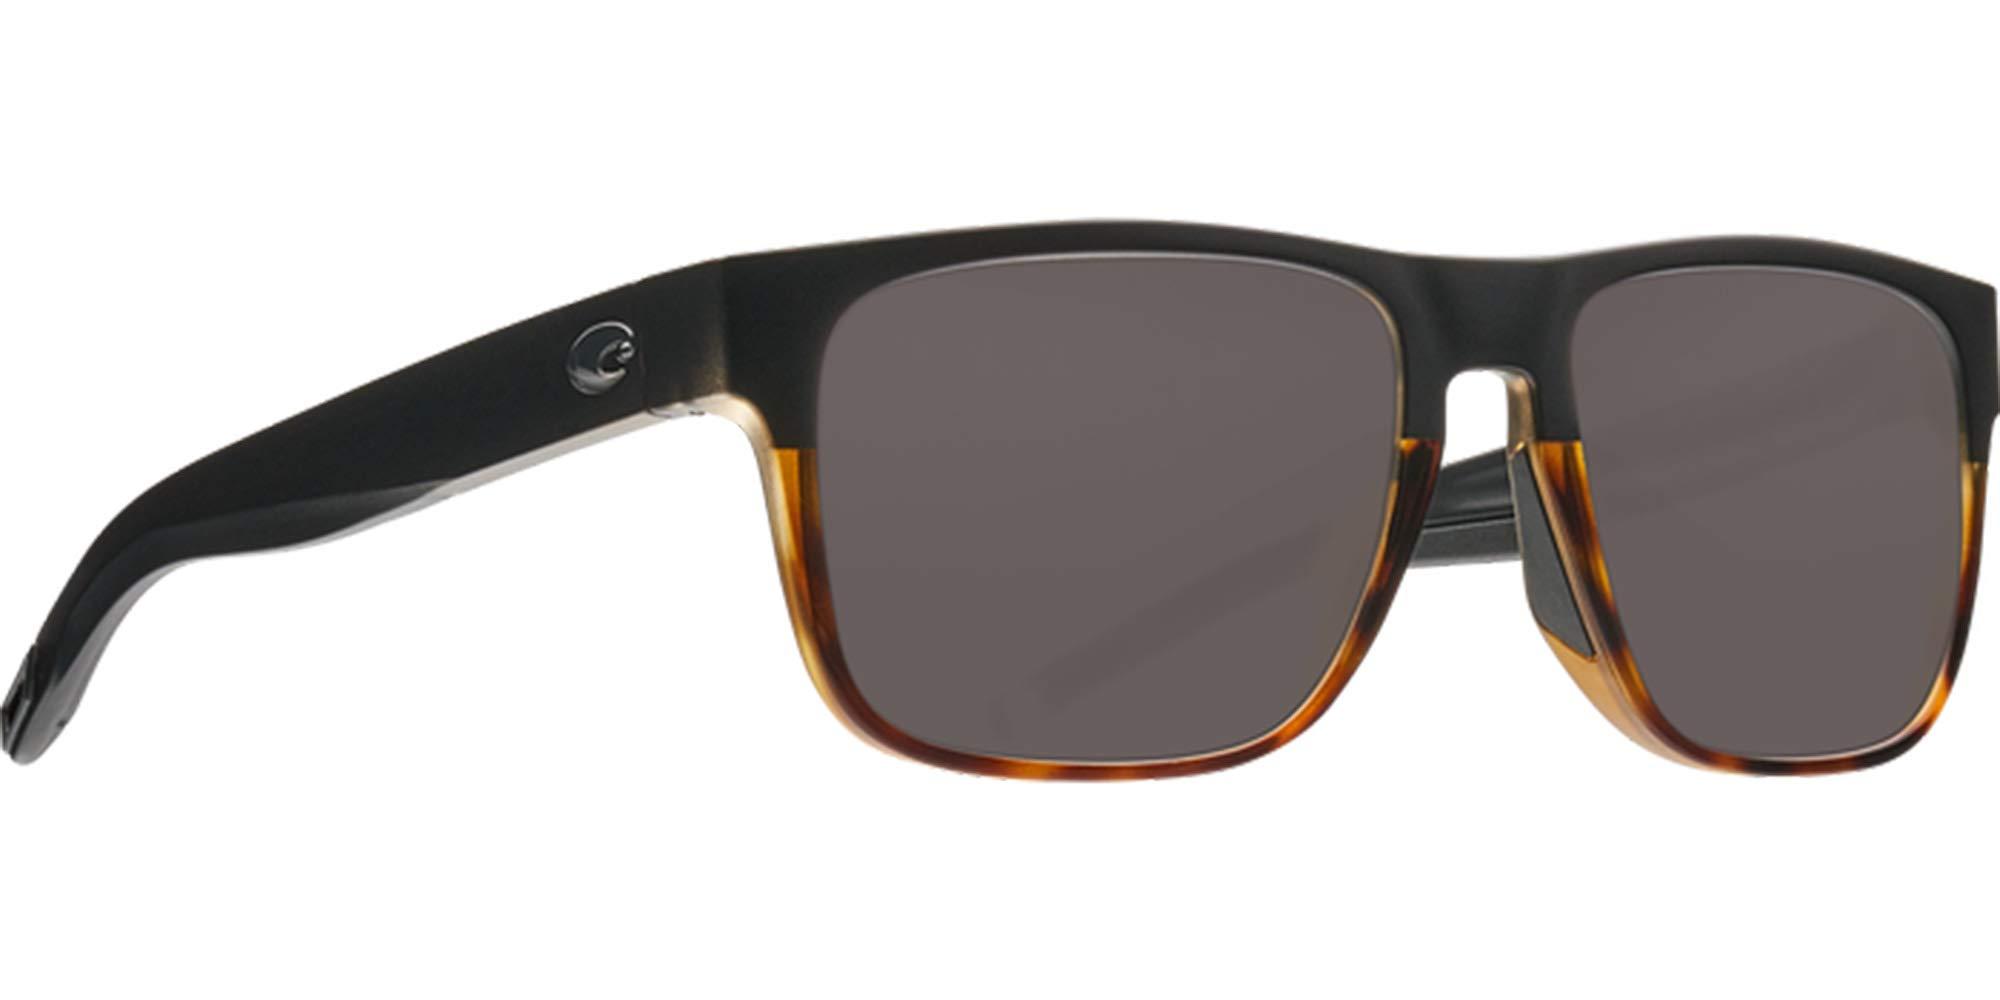 Costa Del Mar Spearo Sunglasses Matte Black Shiny Tortoise/Gray 580Glass by Costa Del Mar